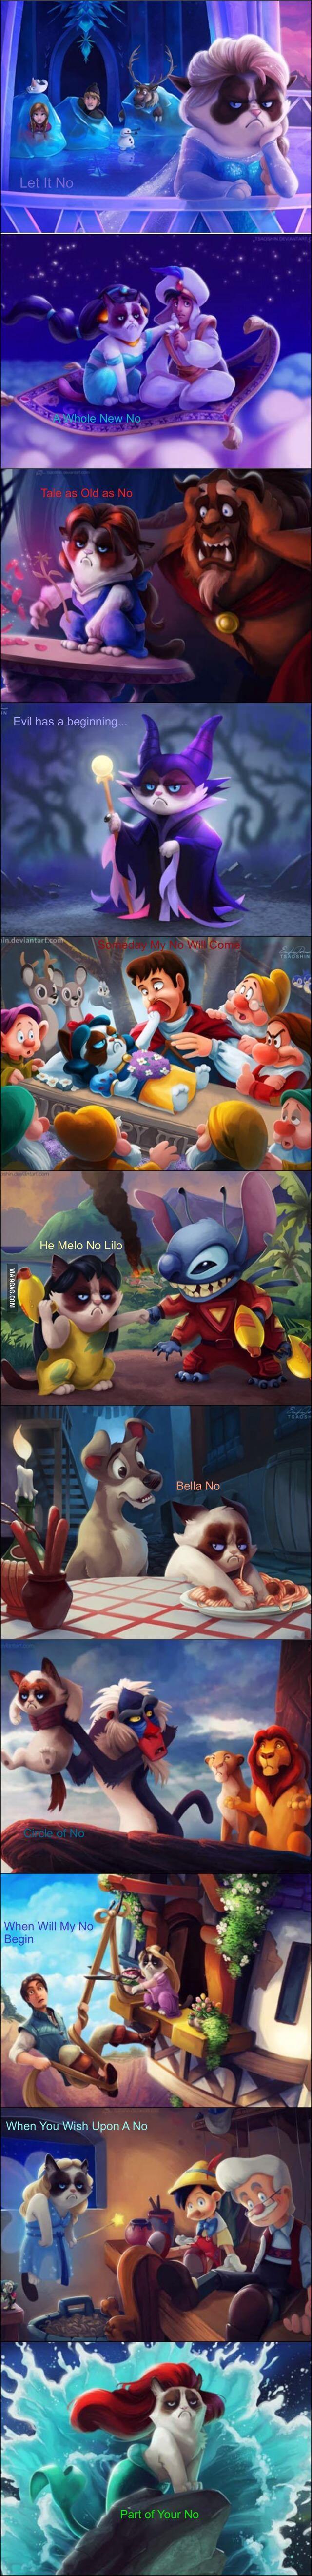 No no no... - Grumpy Cat